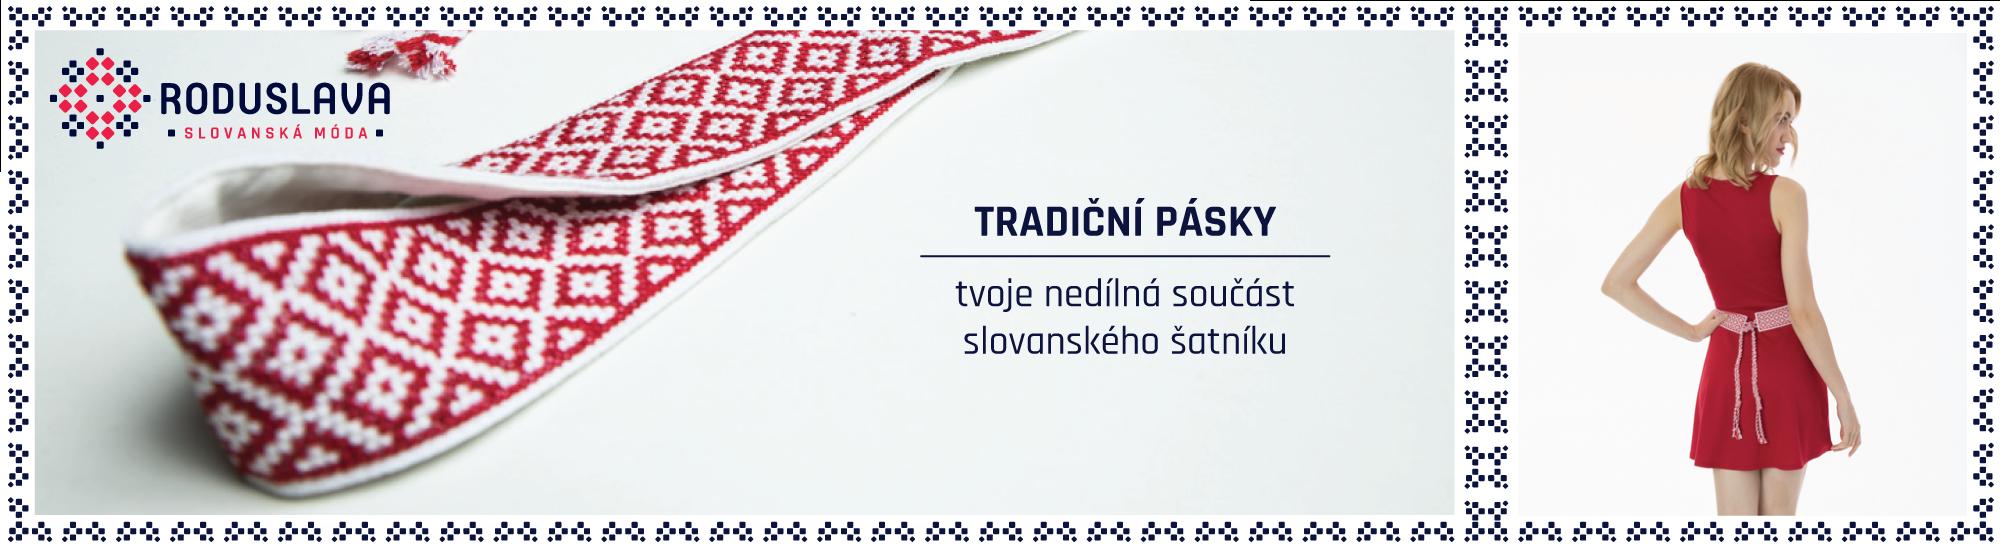 Tradiční slovanské  pásky od Roduslavy